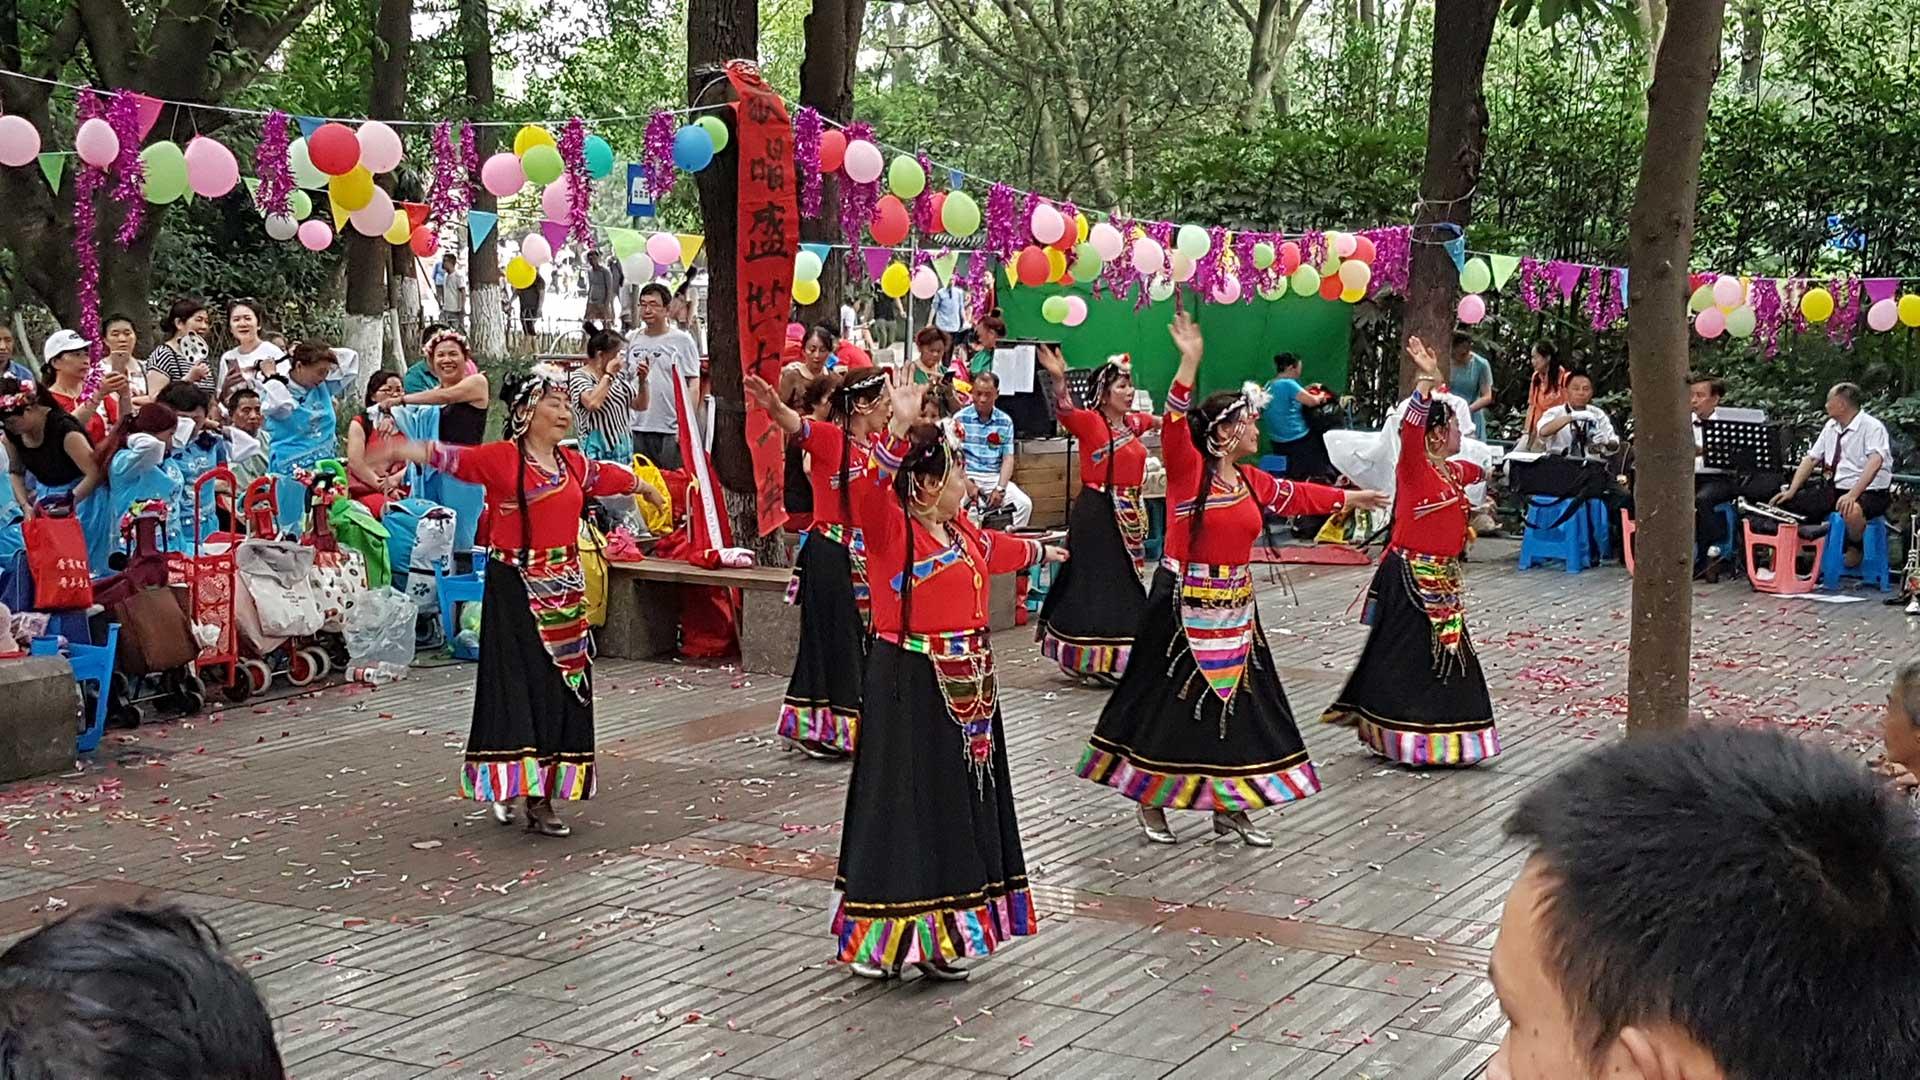 שידוכים, מוסיקה וריקודים בפארק העם בצ'נגדו - סצ'ואן